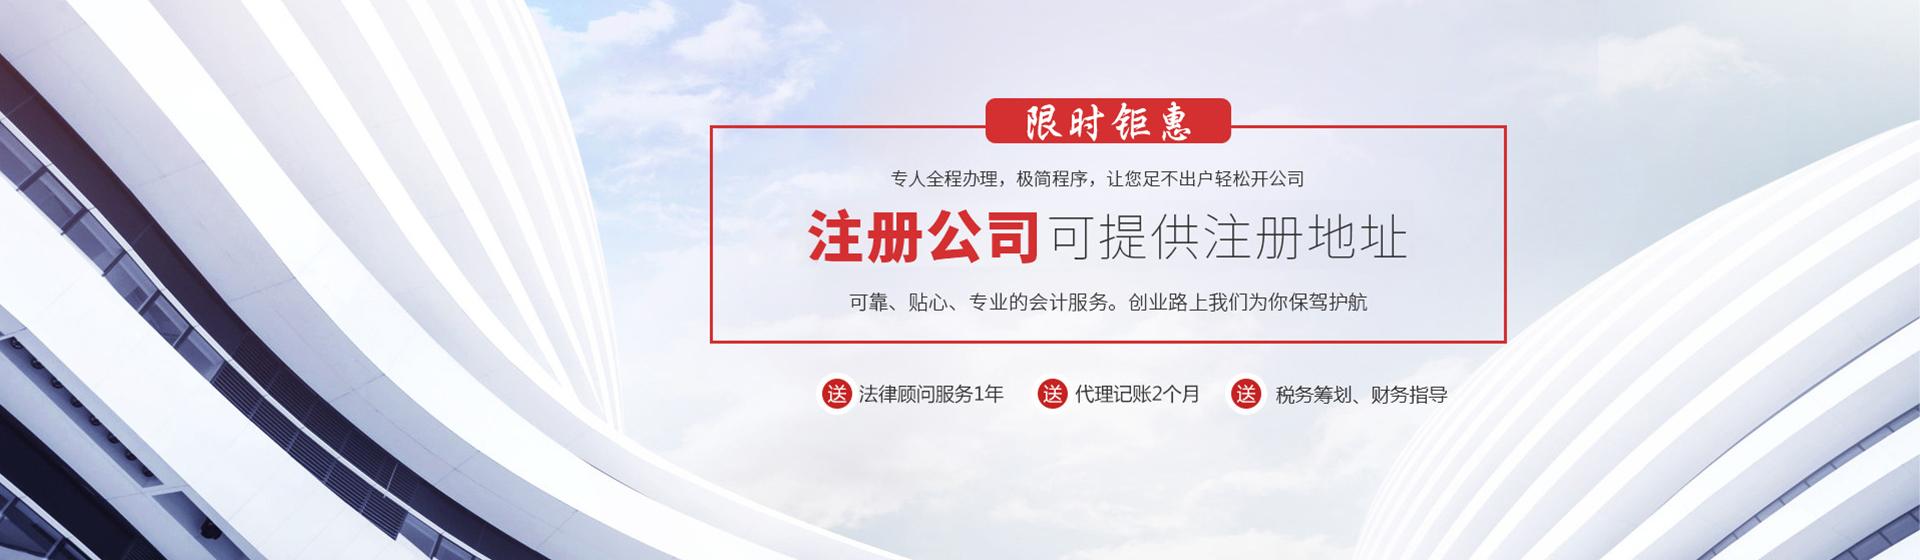 广州财务公司